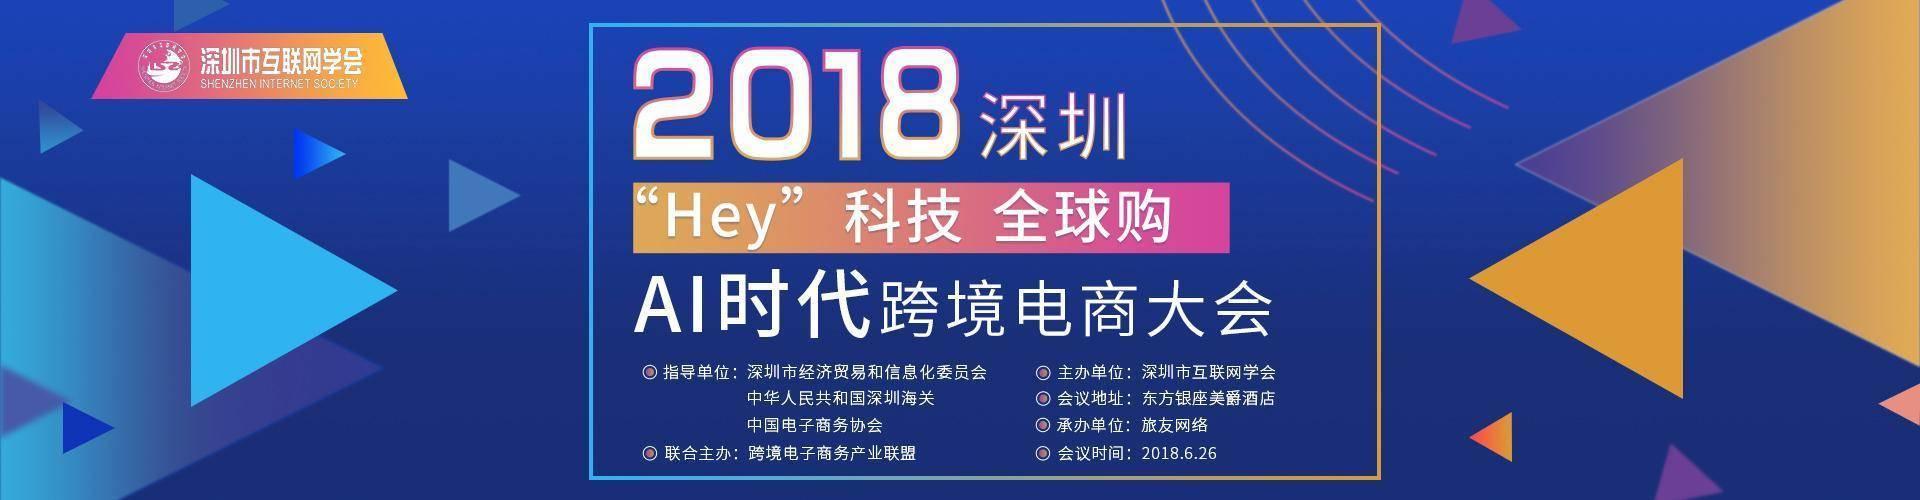 """2018(深圳)AI时代跨境电商大会 """"Hey""""科技 全球购"""